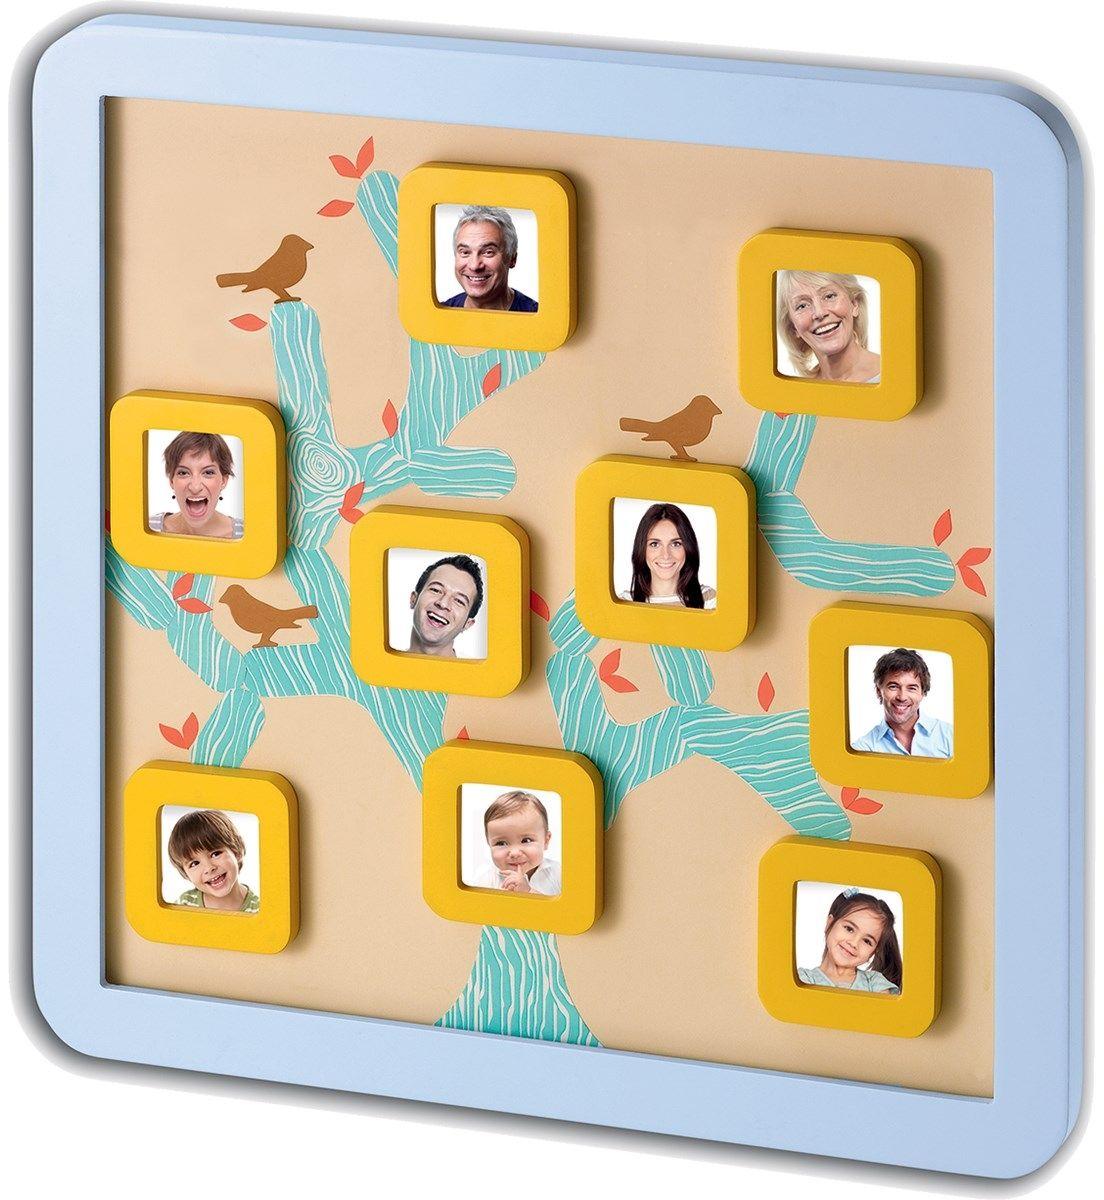 Магнитная доска Baby Art Семейной дерево, цвет: голубой34120104Магнитная доска Baby Art Семейной дерево поможет запечатлеть этапы роста вашего ребенка. В комплект входят: магнитная доска, 9 магнитных фоторамок, лист с наклейками. Создайте собственное фамильное дерево при помощи наклеек и 9 рамок для фотографий с магнитами. Набор не требует дополнительных материалов, все уже включено в набор. Украсьте комнату вашего малыша семейным деревом. Благодаря этому чудесному сувениру родственники малыша всегда будут рядом!